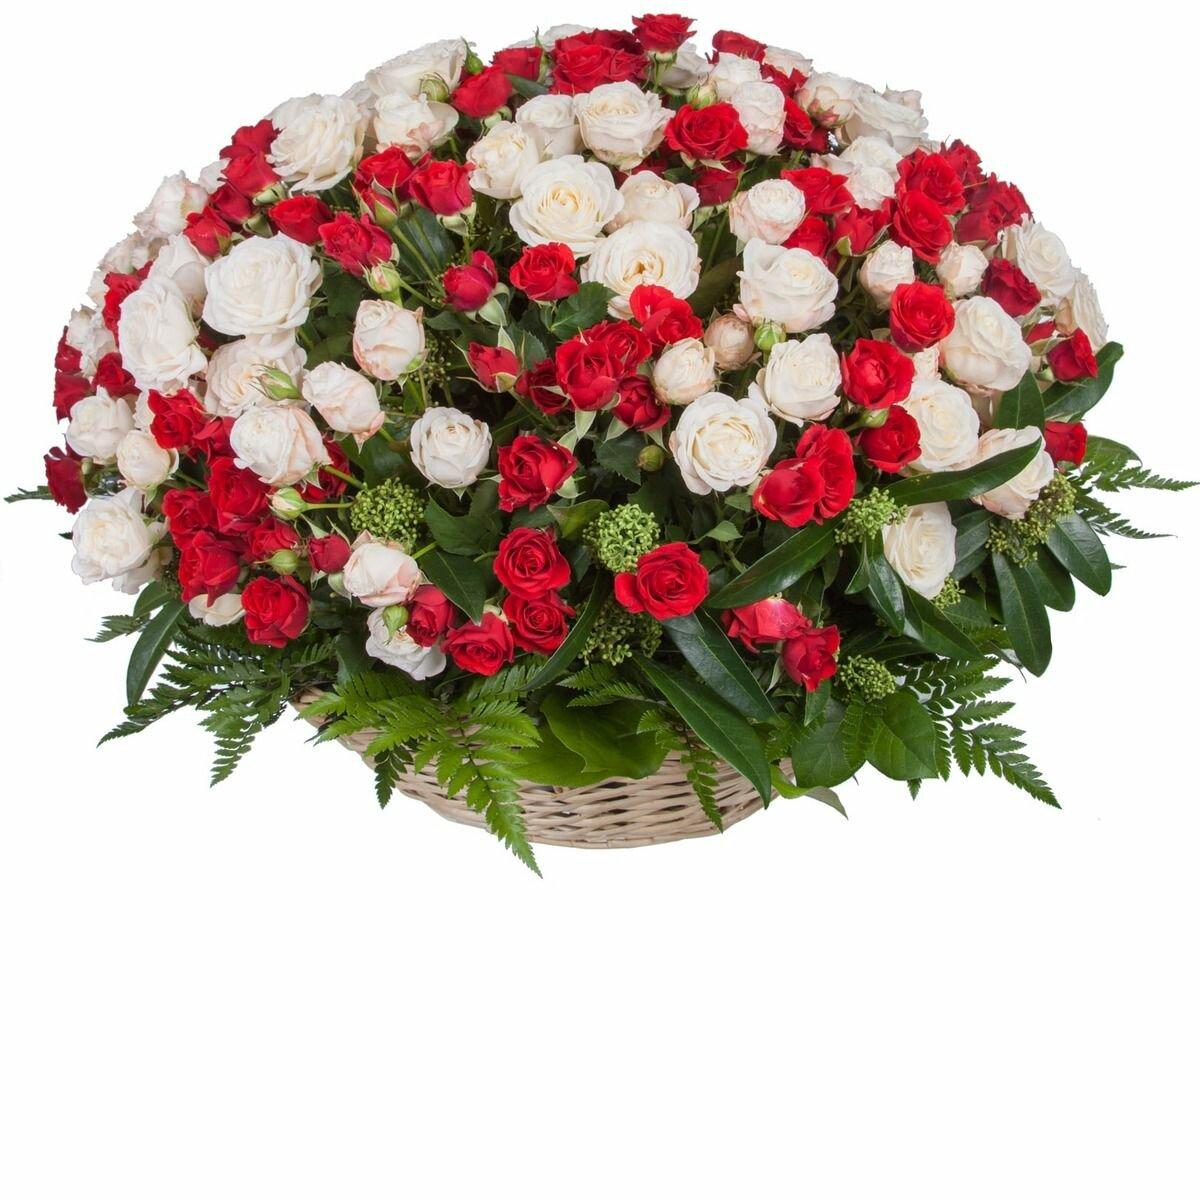 Заказать композицию из цветов в москве на день рождения, цветов